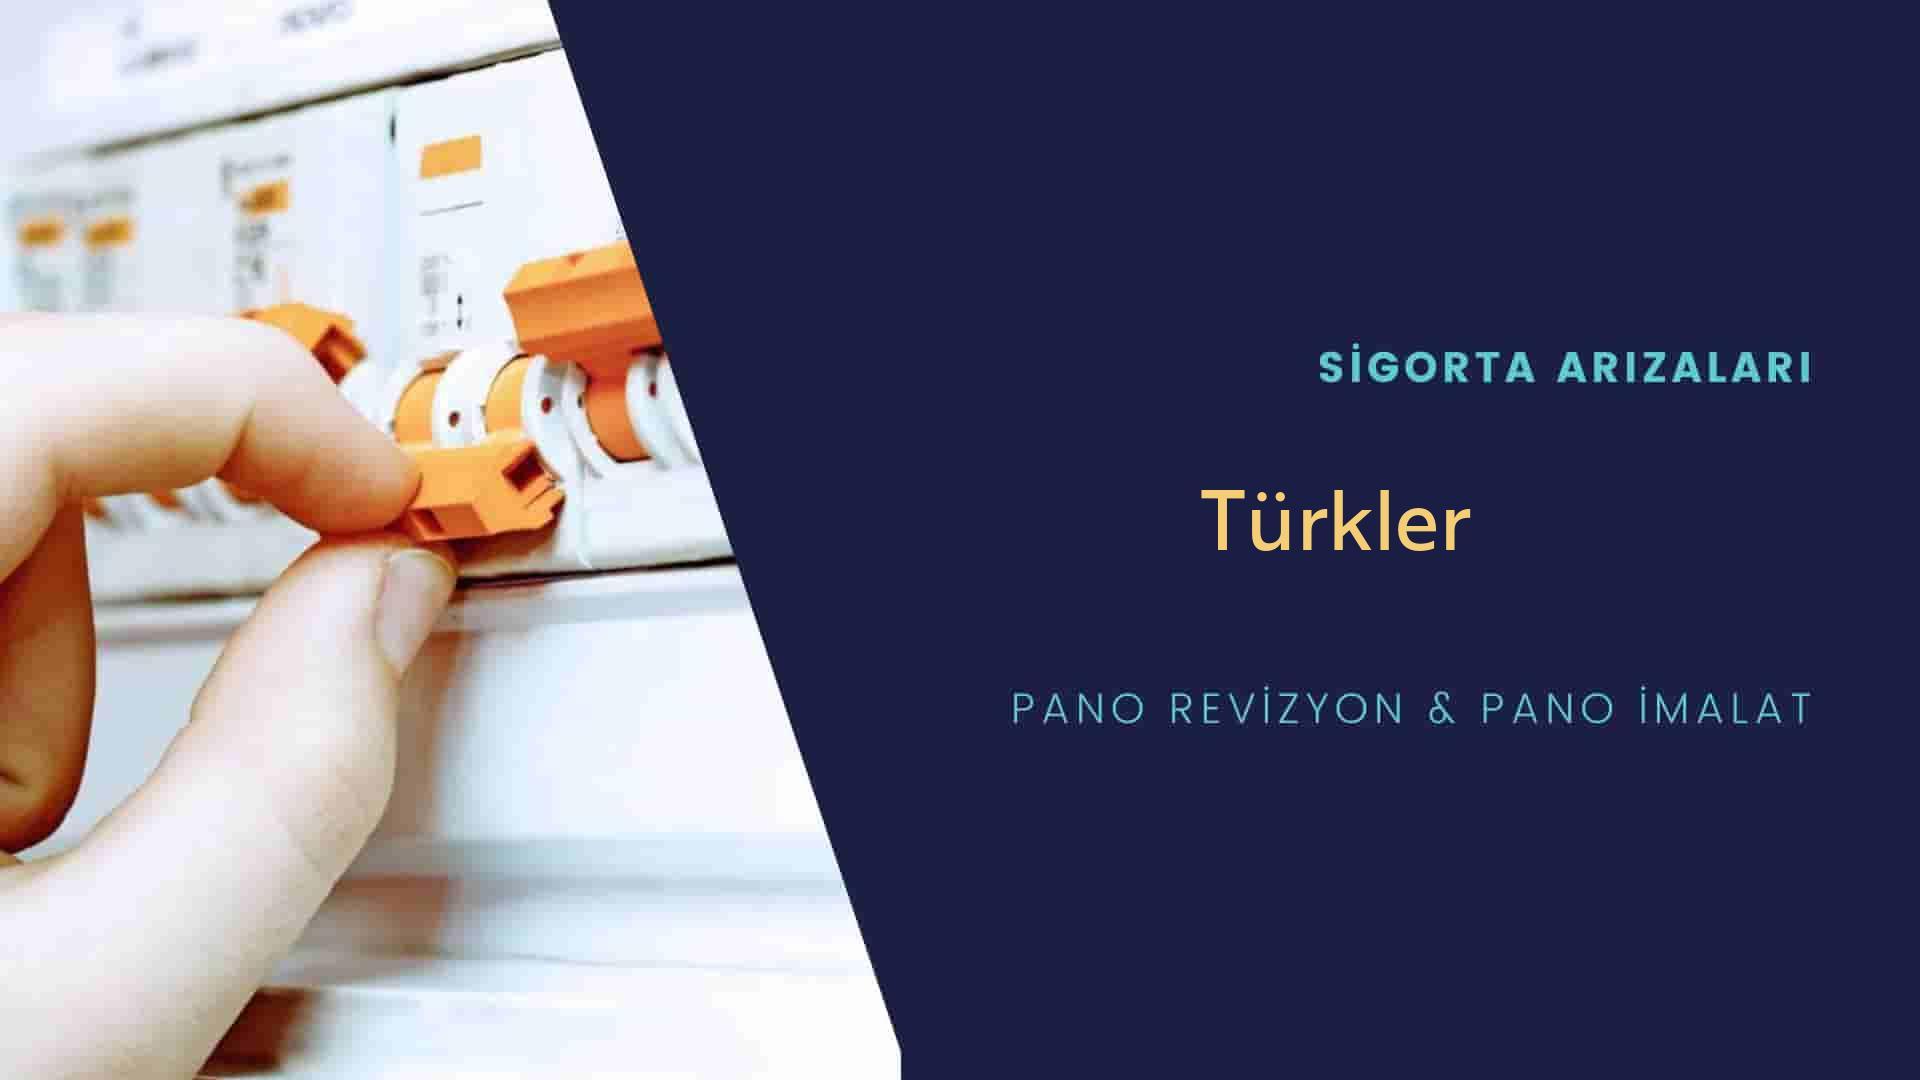 Türkler Sigorta Arızaları İçin Profesyonel Elektrikçi ustalarımızı dilediğiniz zaman arayabilir talepte bulunabilirsiniz.